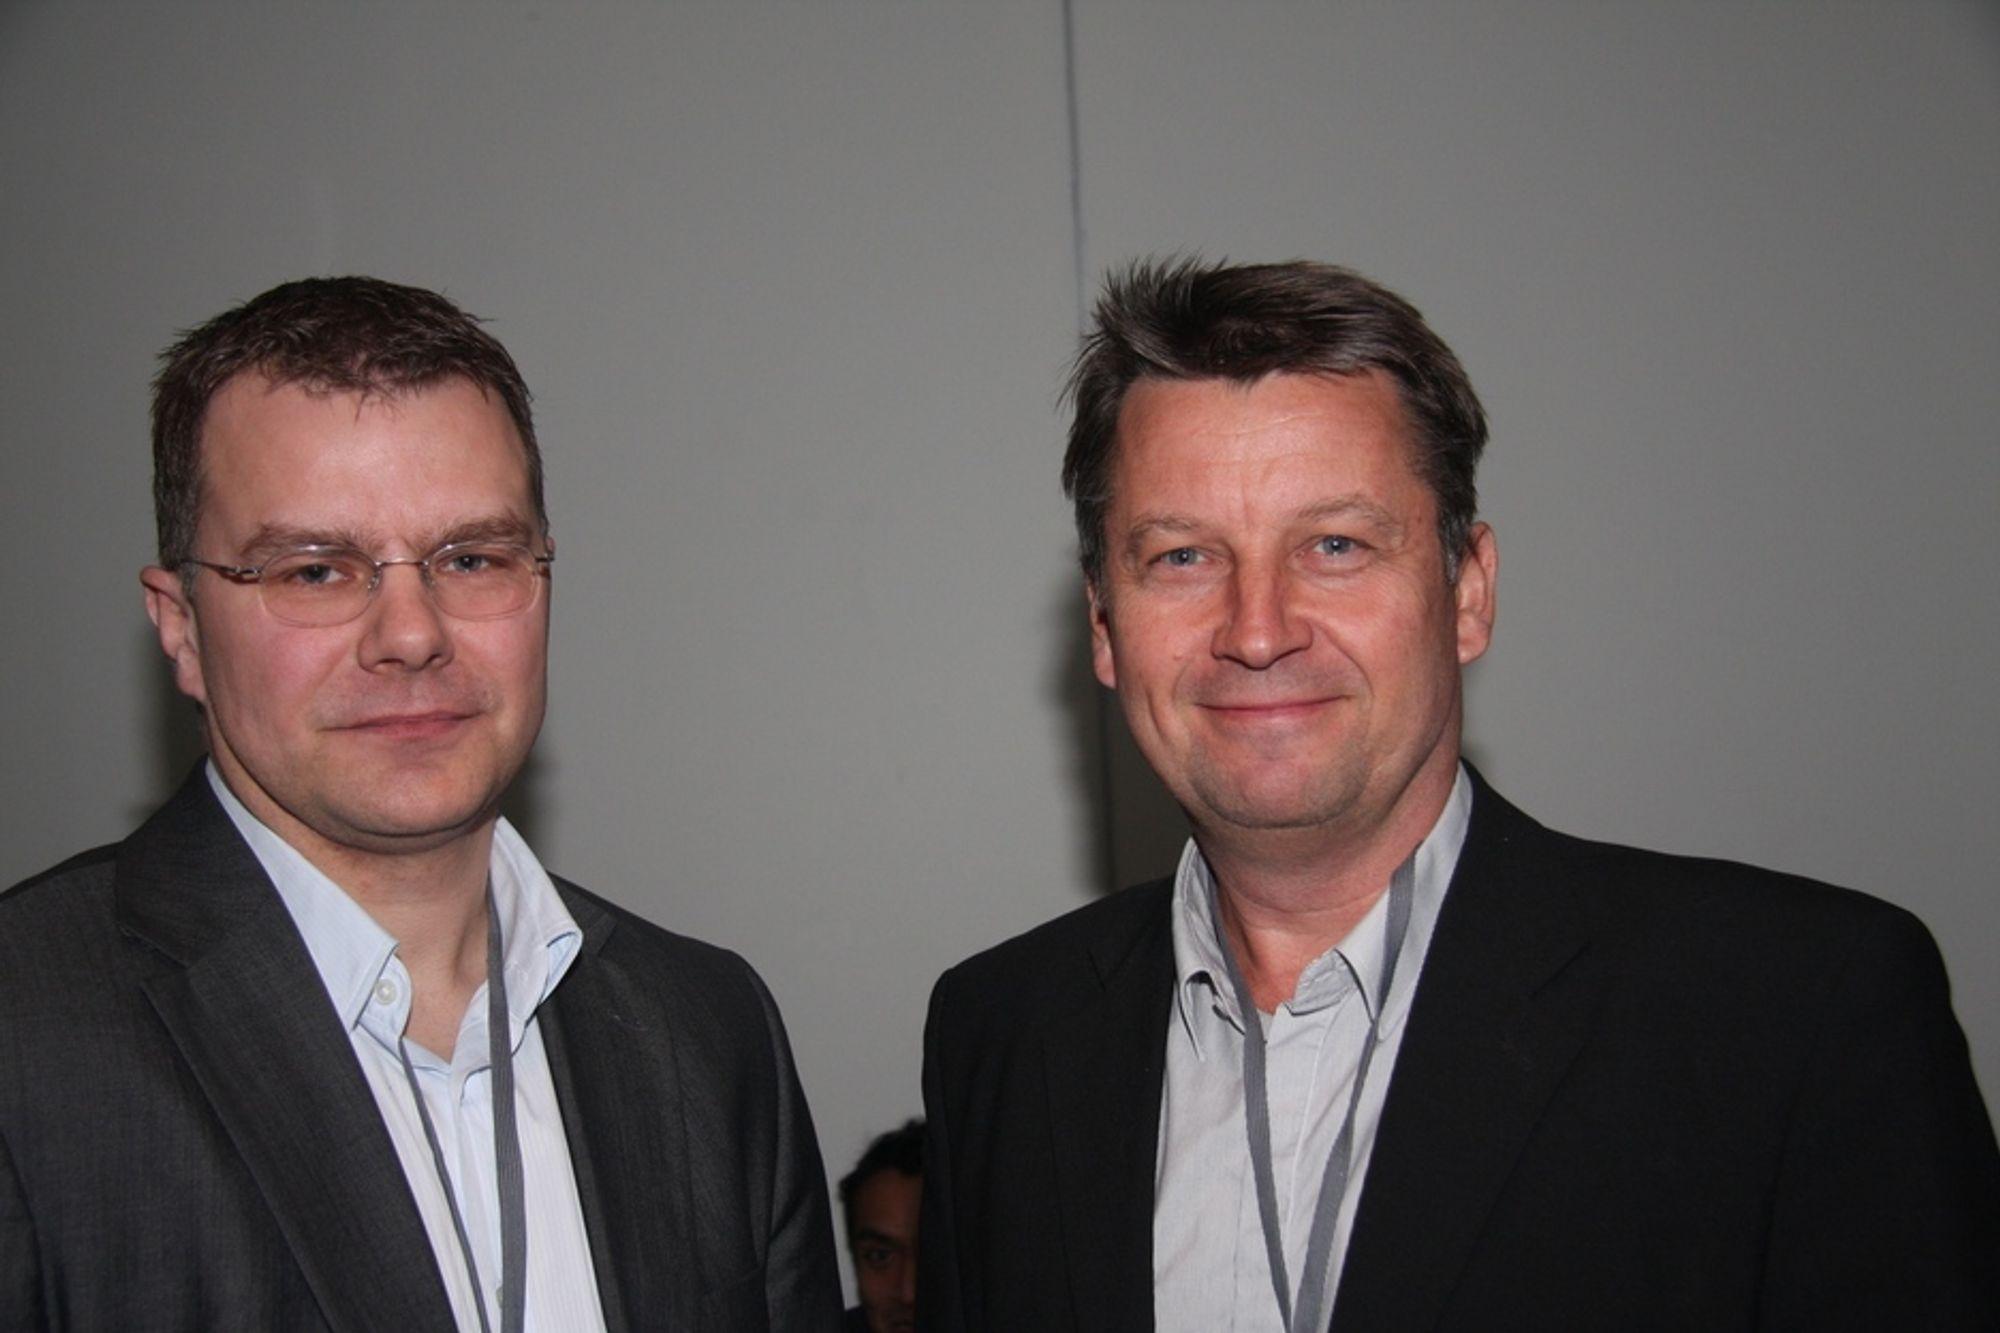 KREVENDE: Øystein Mørk i Statnett og Ulf Moberg, i Svenska kraftnät  og  styremedlem i ENTSO-E, tror det kan bli krevende å gjennomføre alle 500 prosjekter i den europeiske 10 årsplanen for nettet.